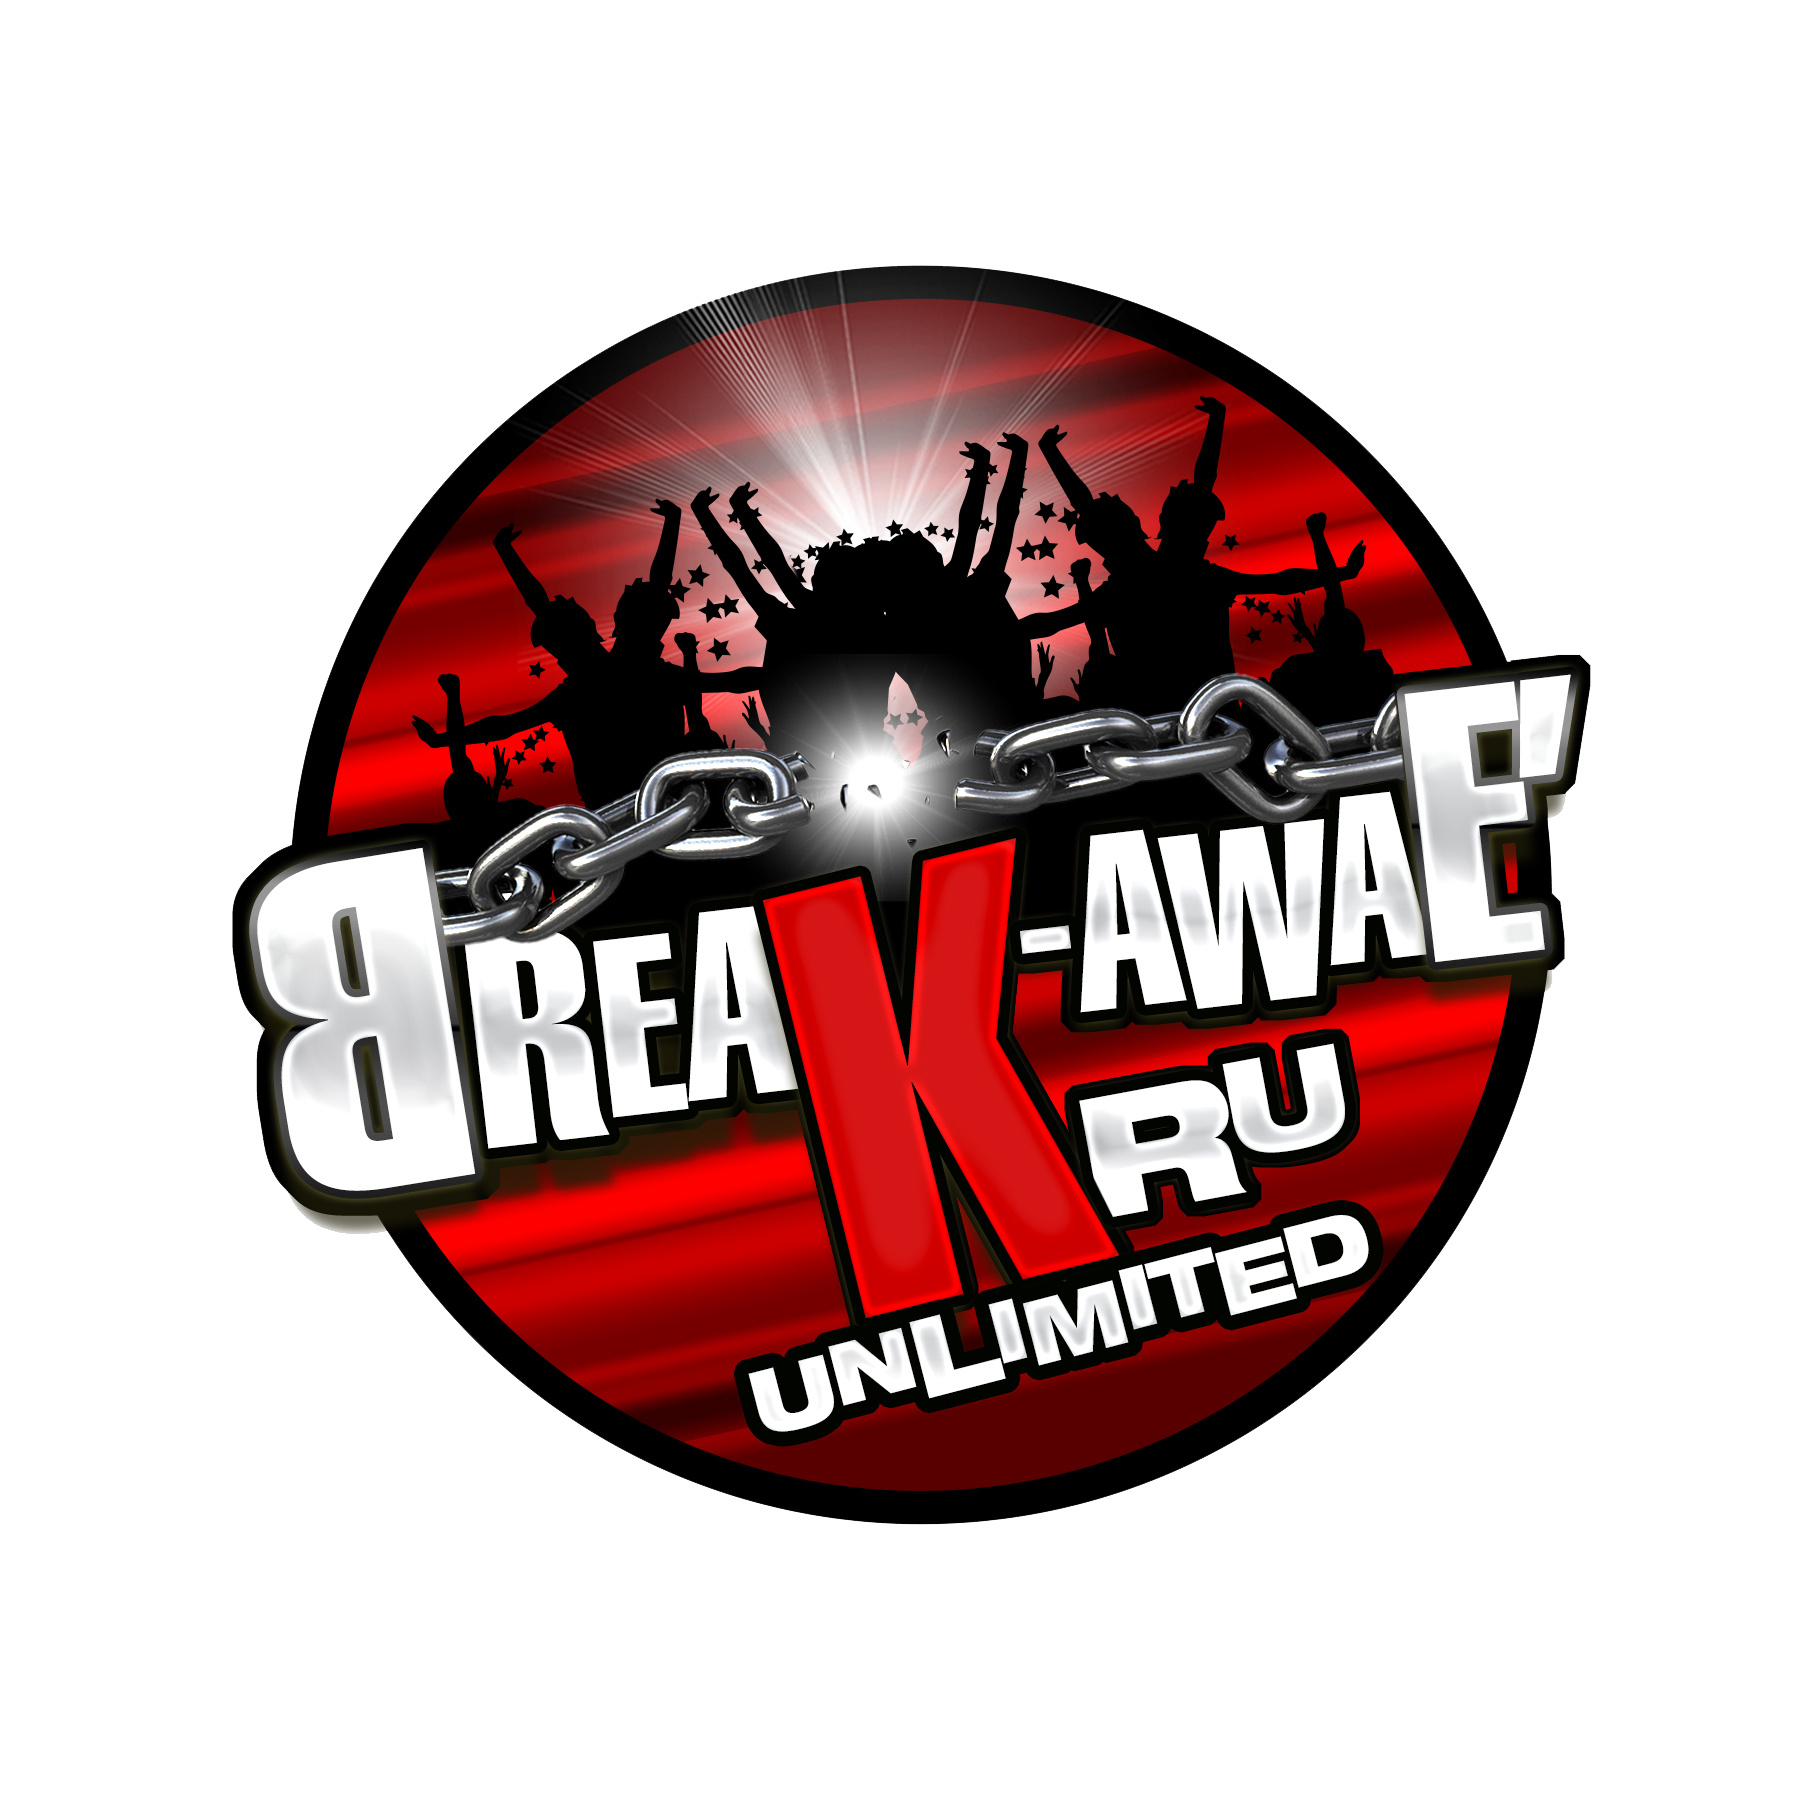 Break-Awae-Kru